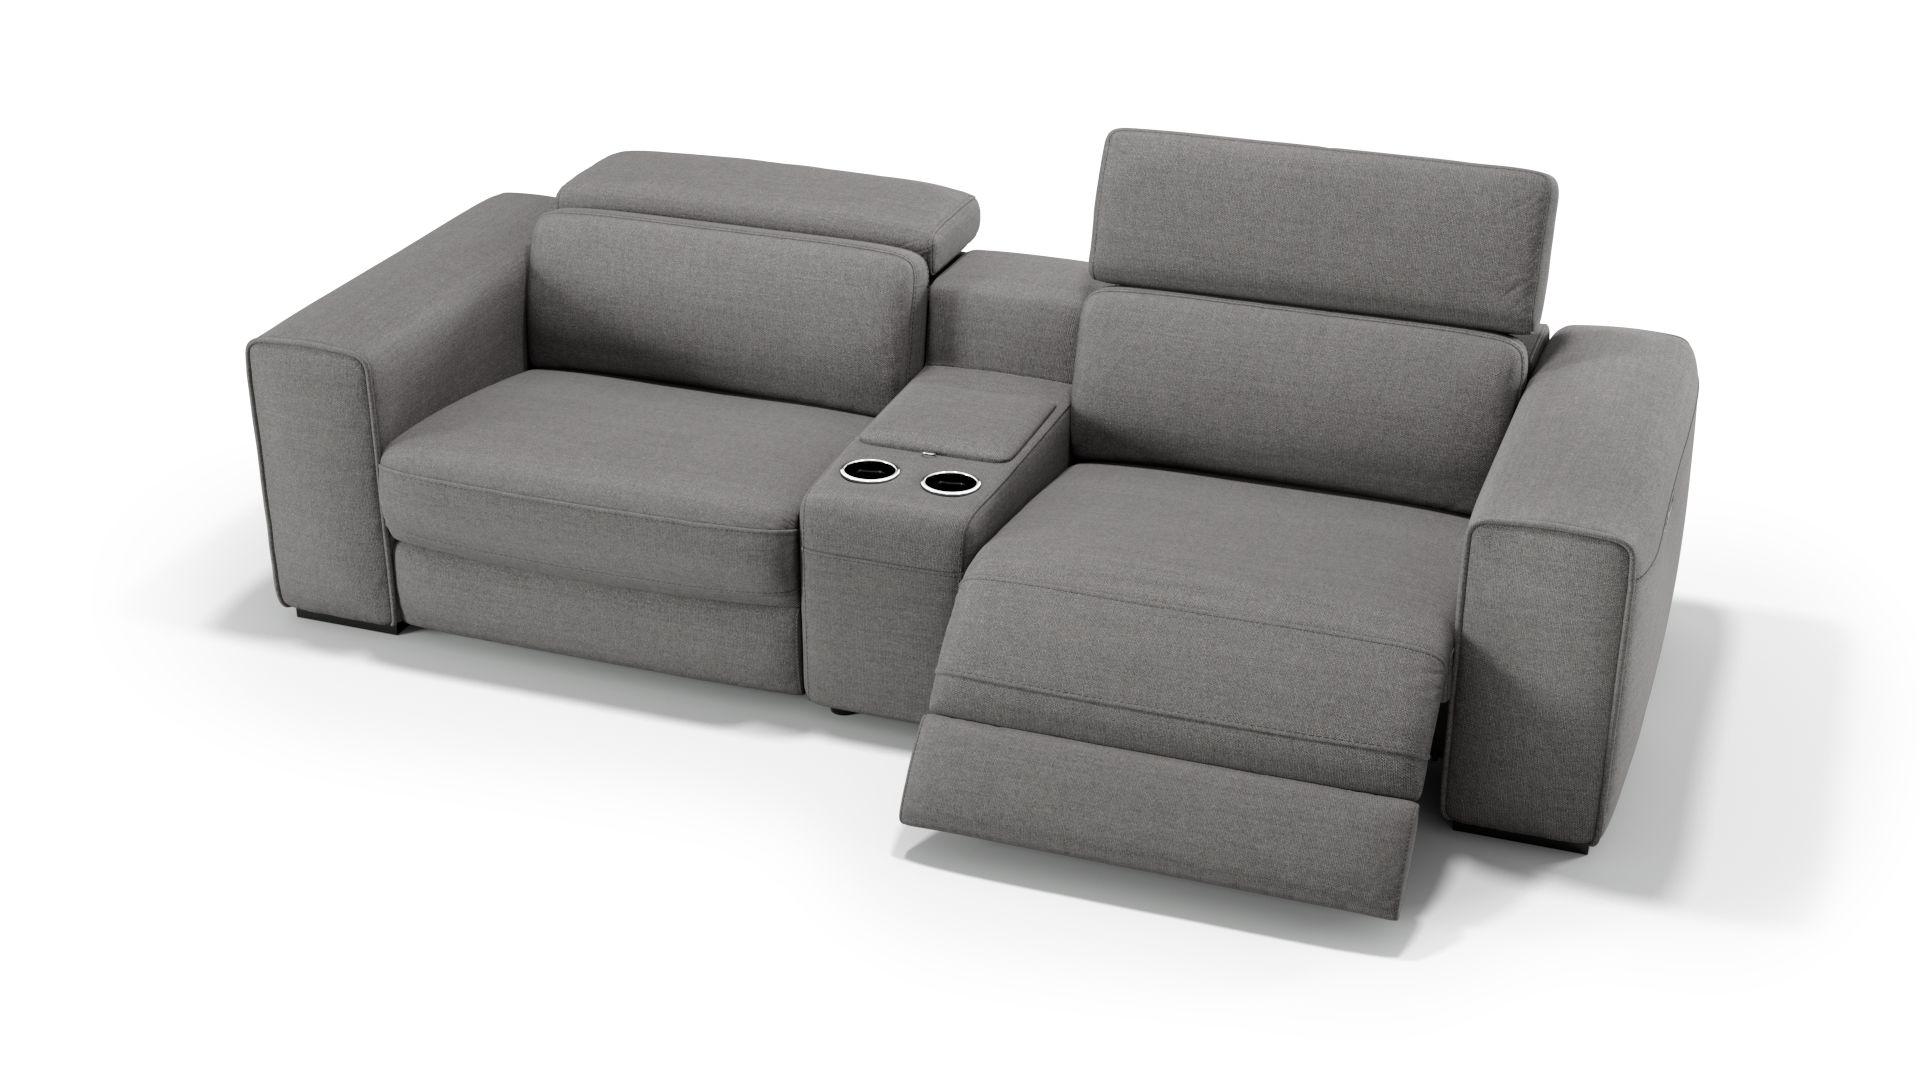 Stoff 2-Sitzer Kinosofa mit einer Mittelkonsole BOVINO